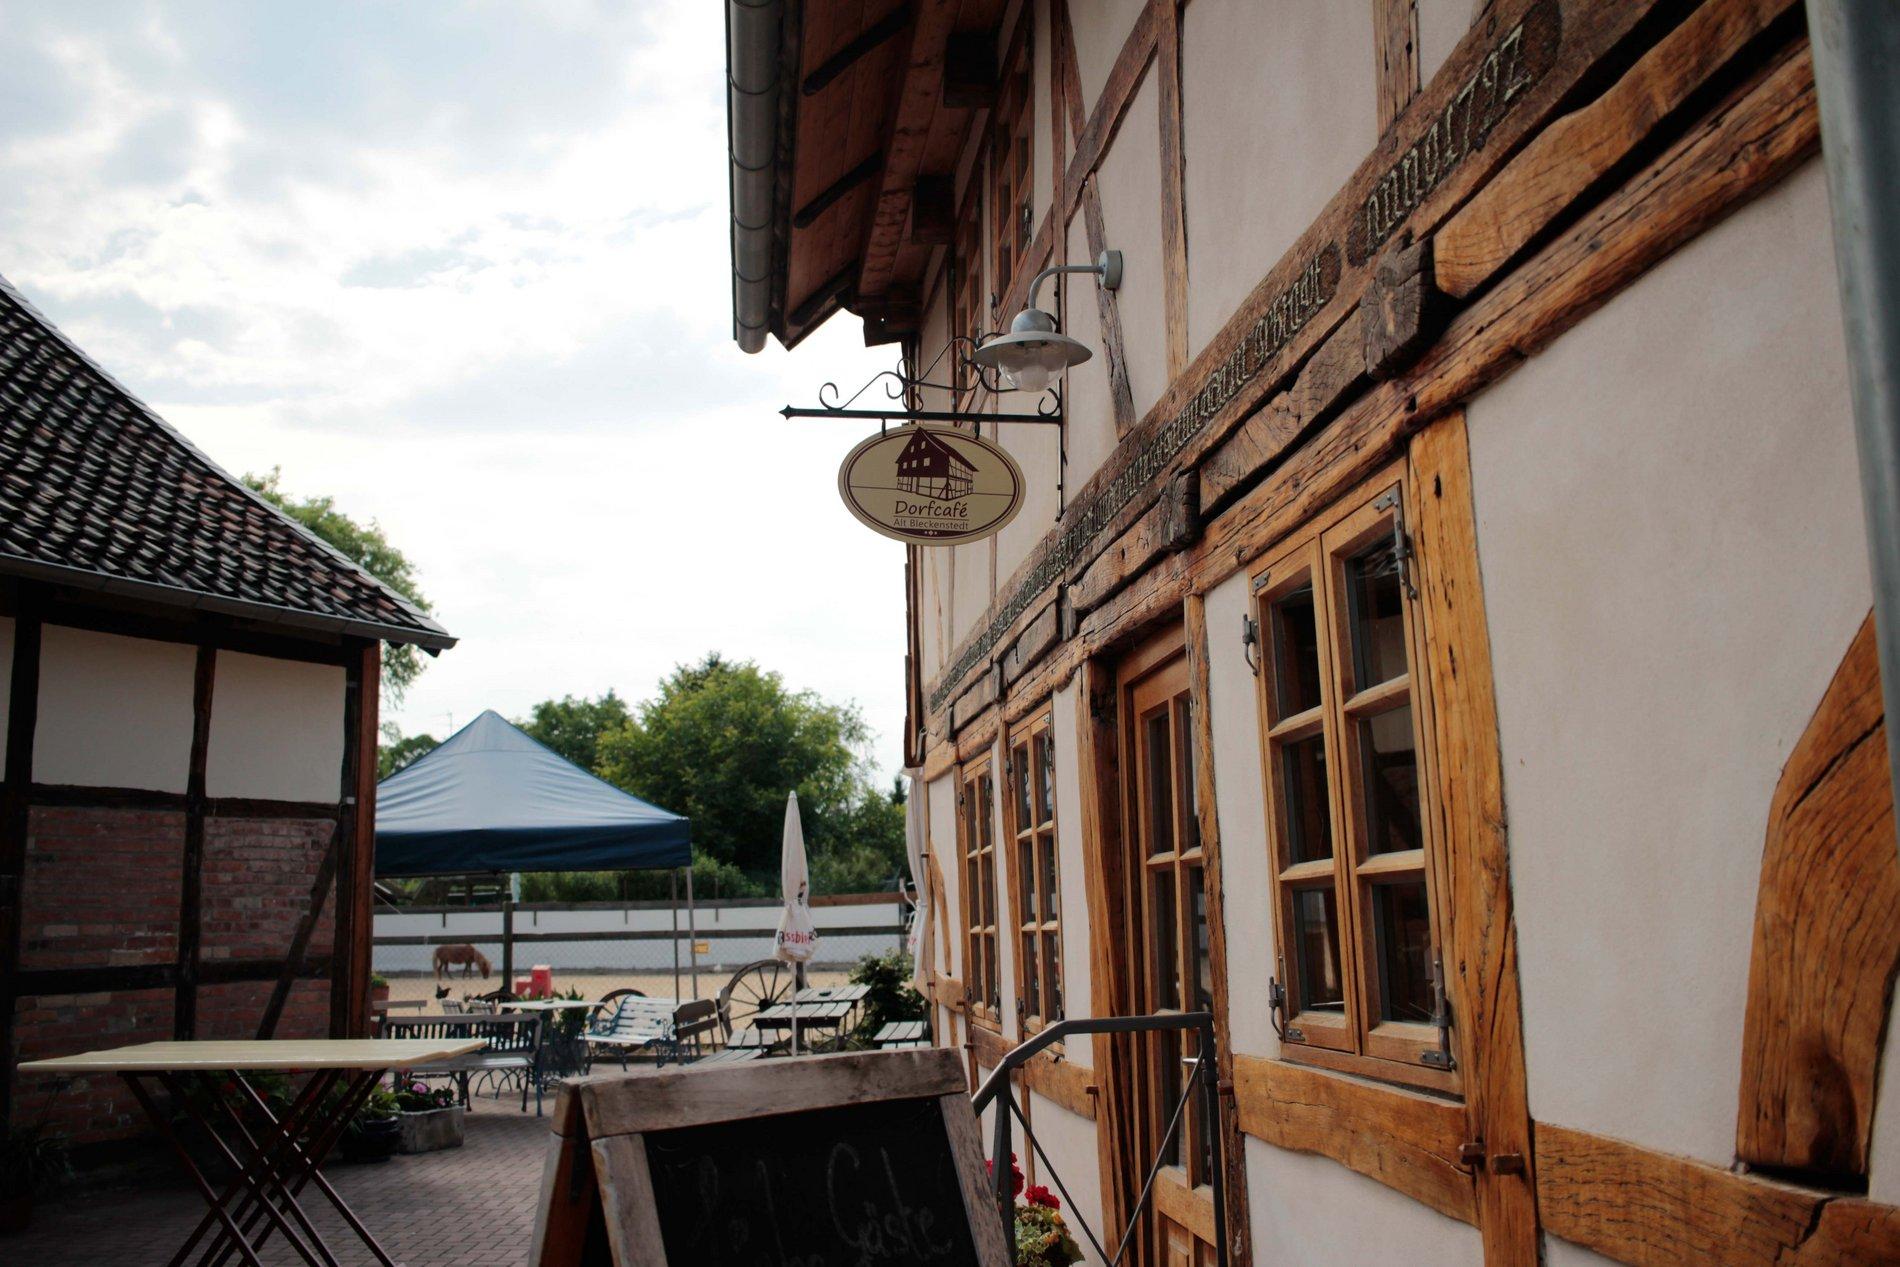 Regional Genießen Landcafés Und Hofläden In Der Region Die